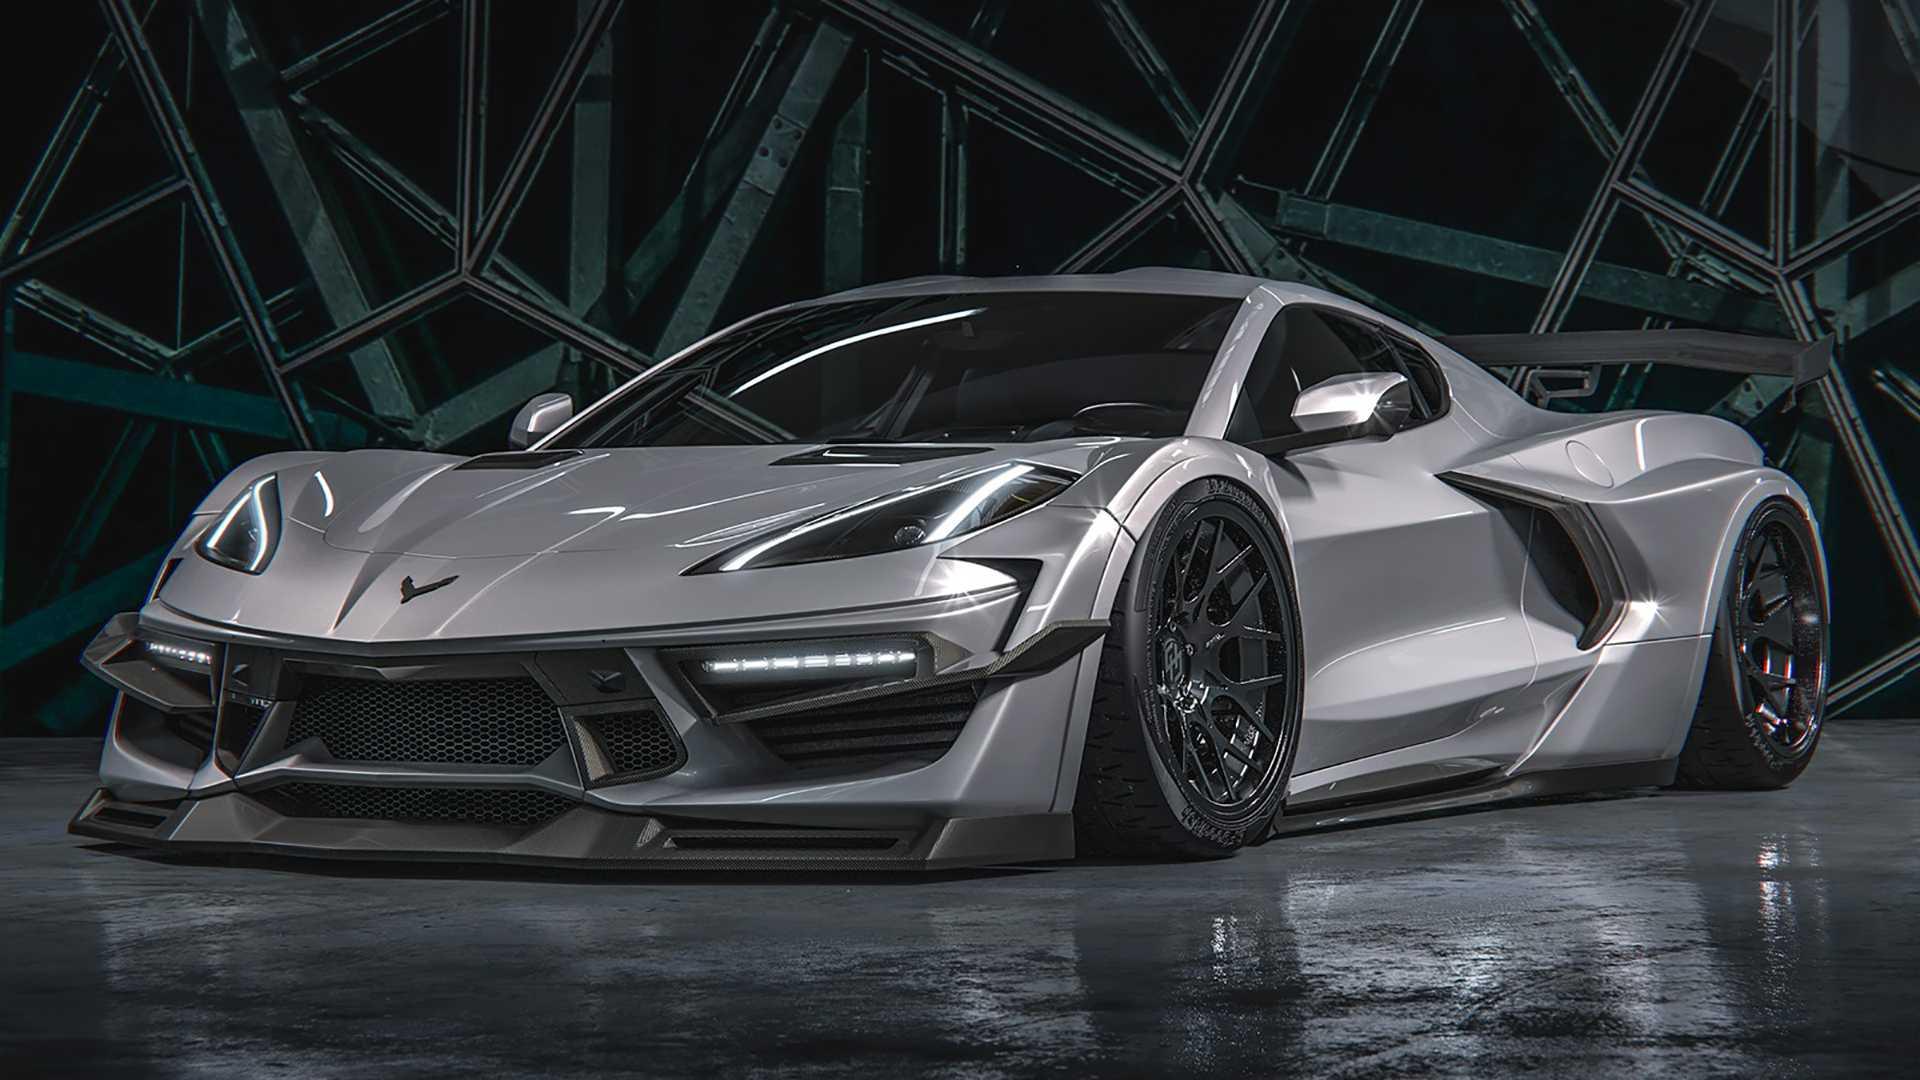 В Сети показали уникальный тюнинг для нового Chevrolet Corvette